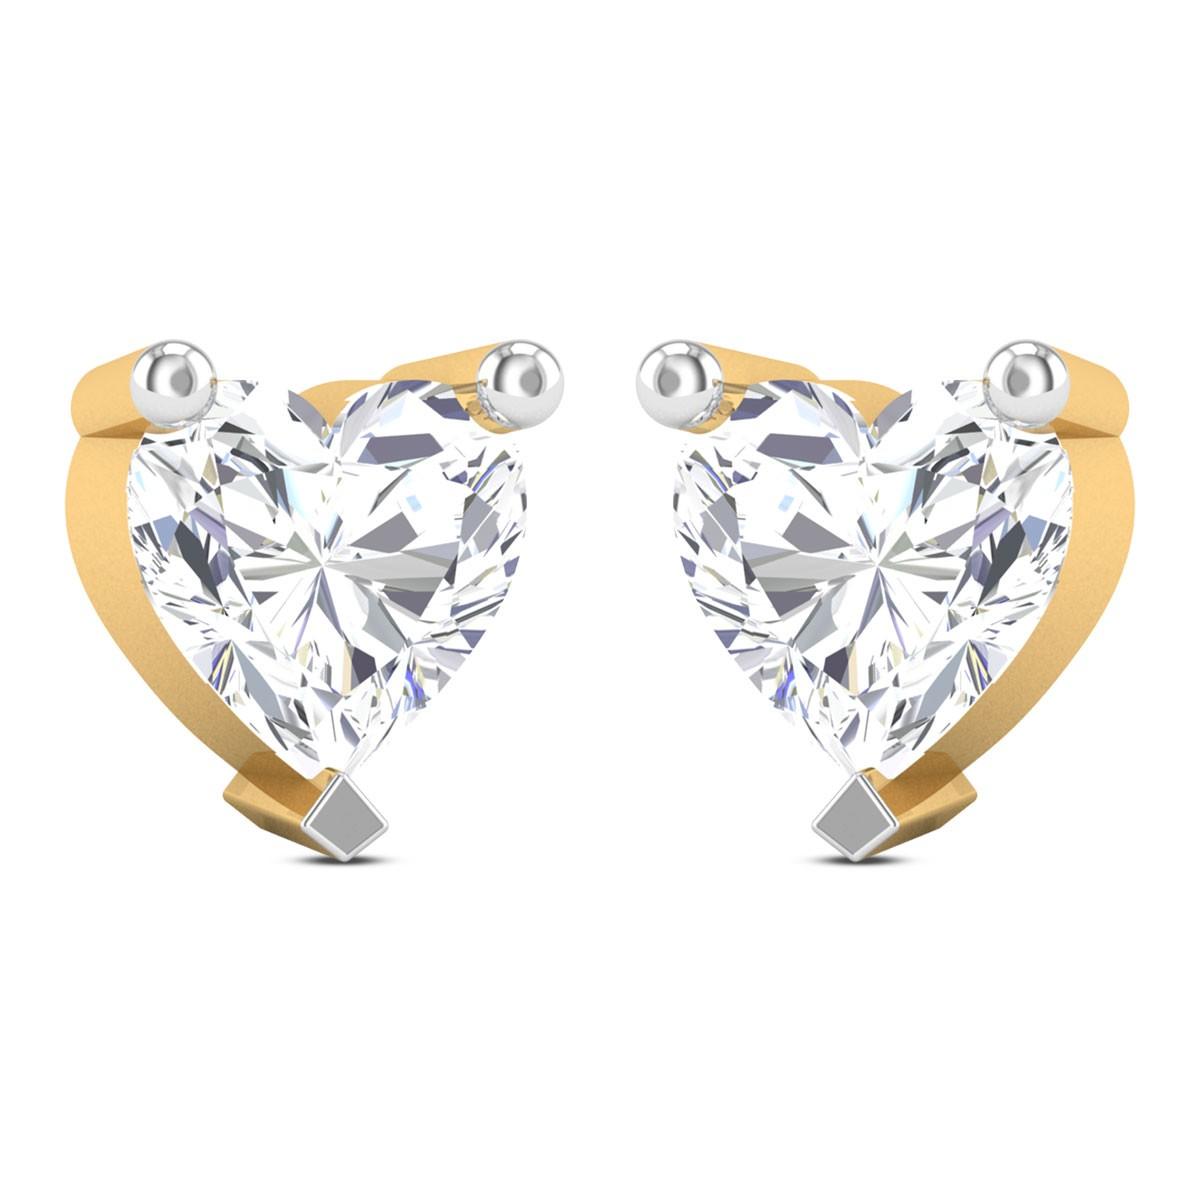 Ciara Heart Cut Solitaire Earring